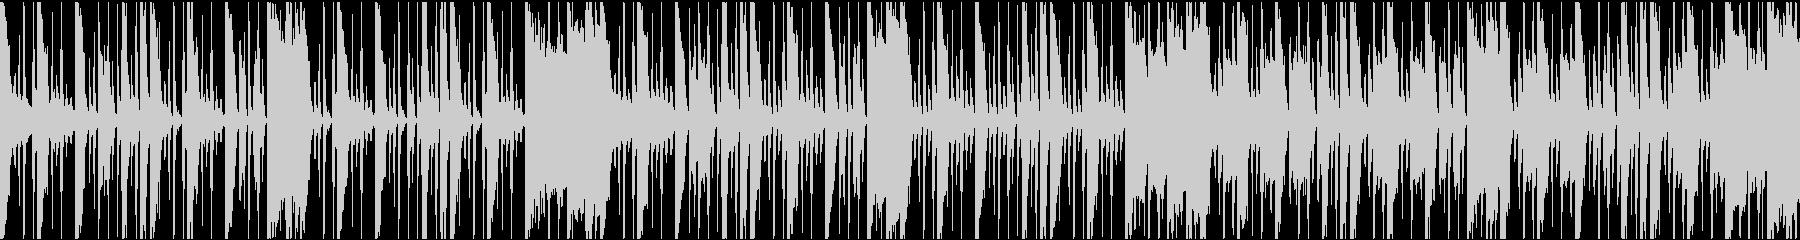 クールで知的なブレイクビーツBGMの未再生の波形